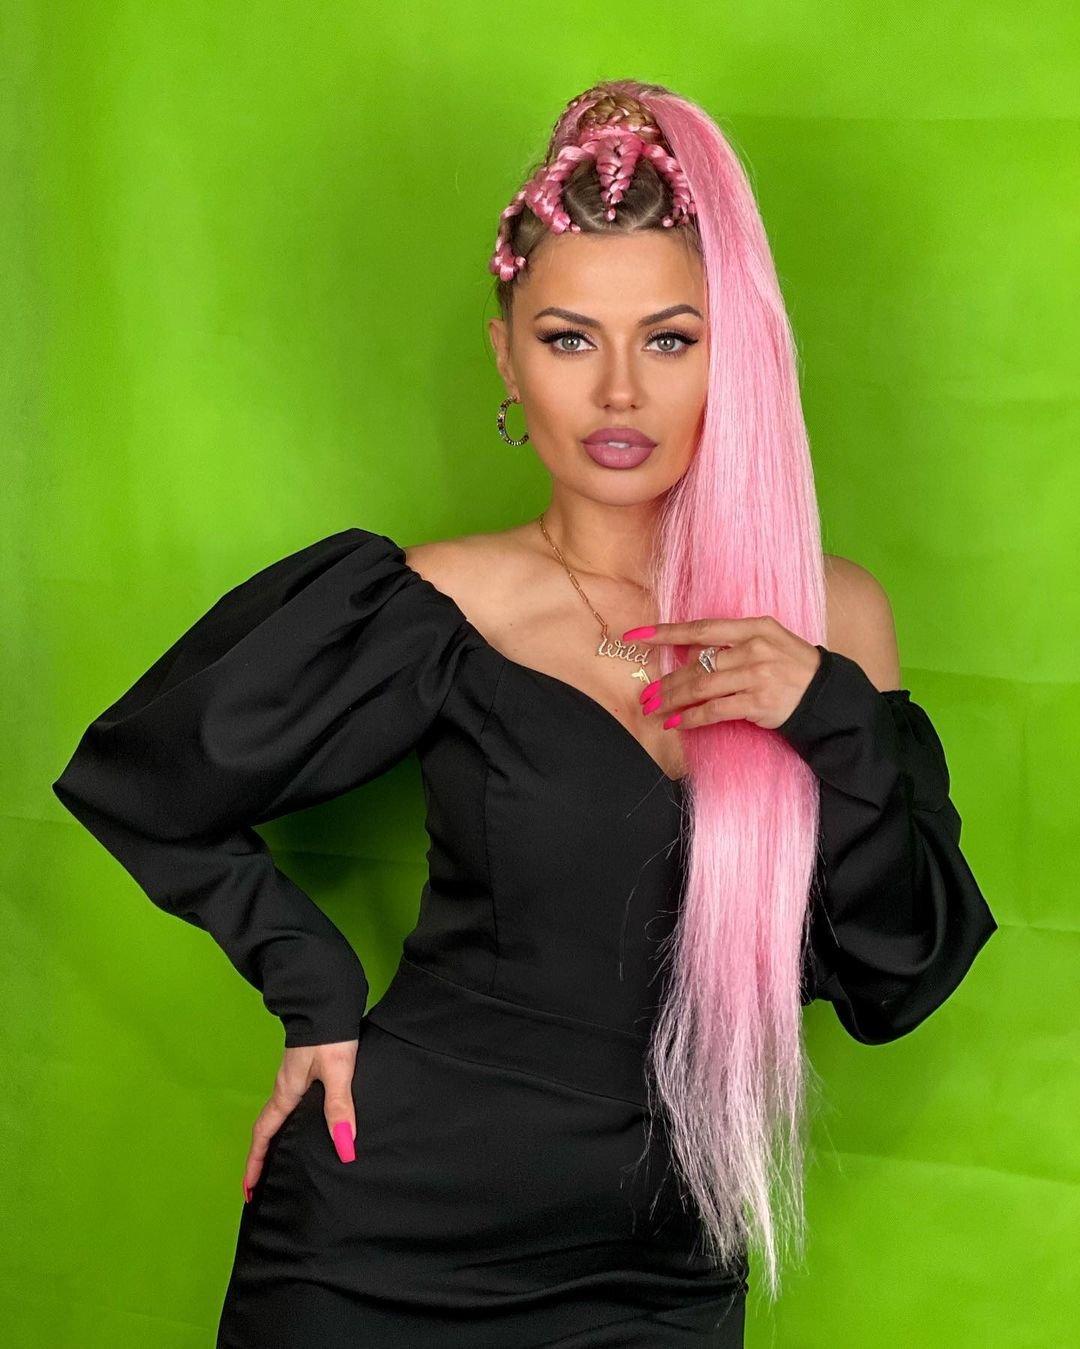 Викторию Боню раскритиковали за розовые волосы